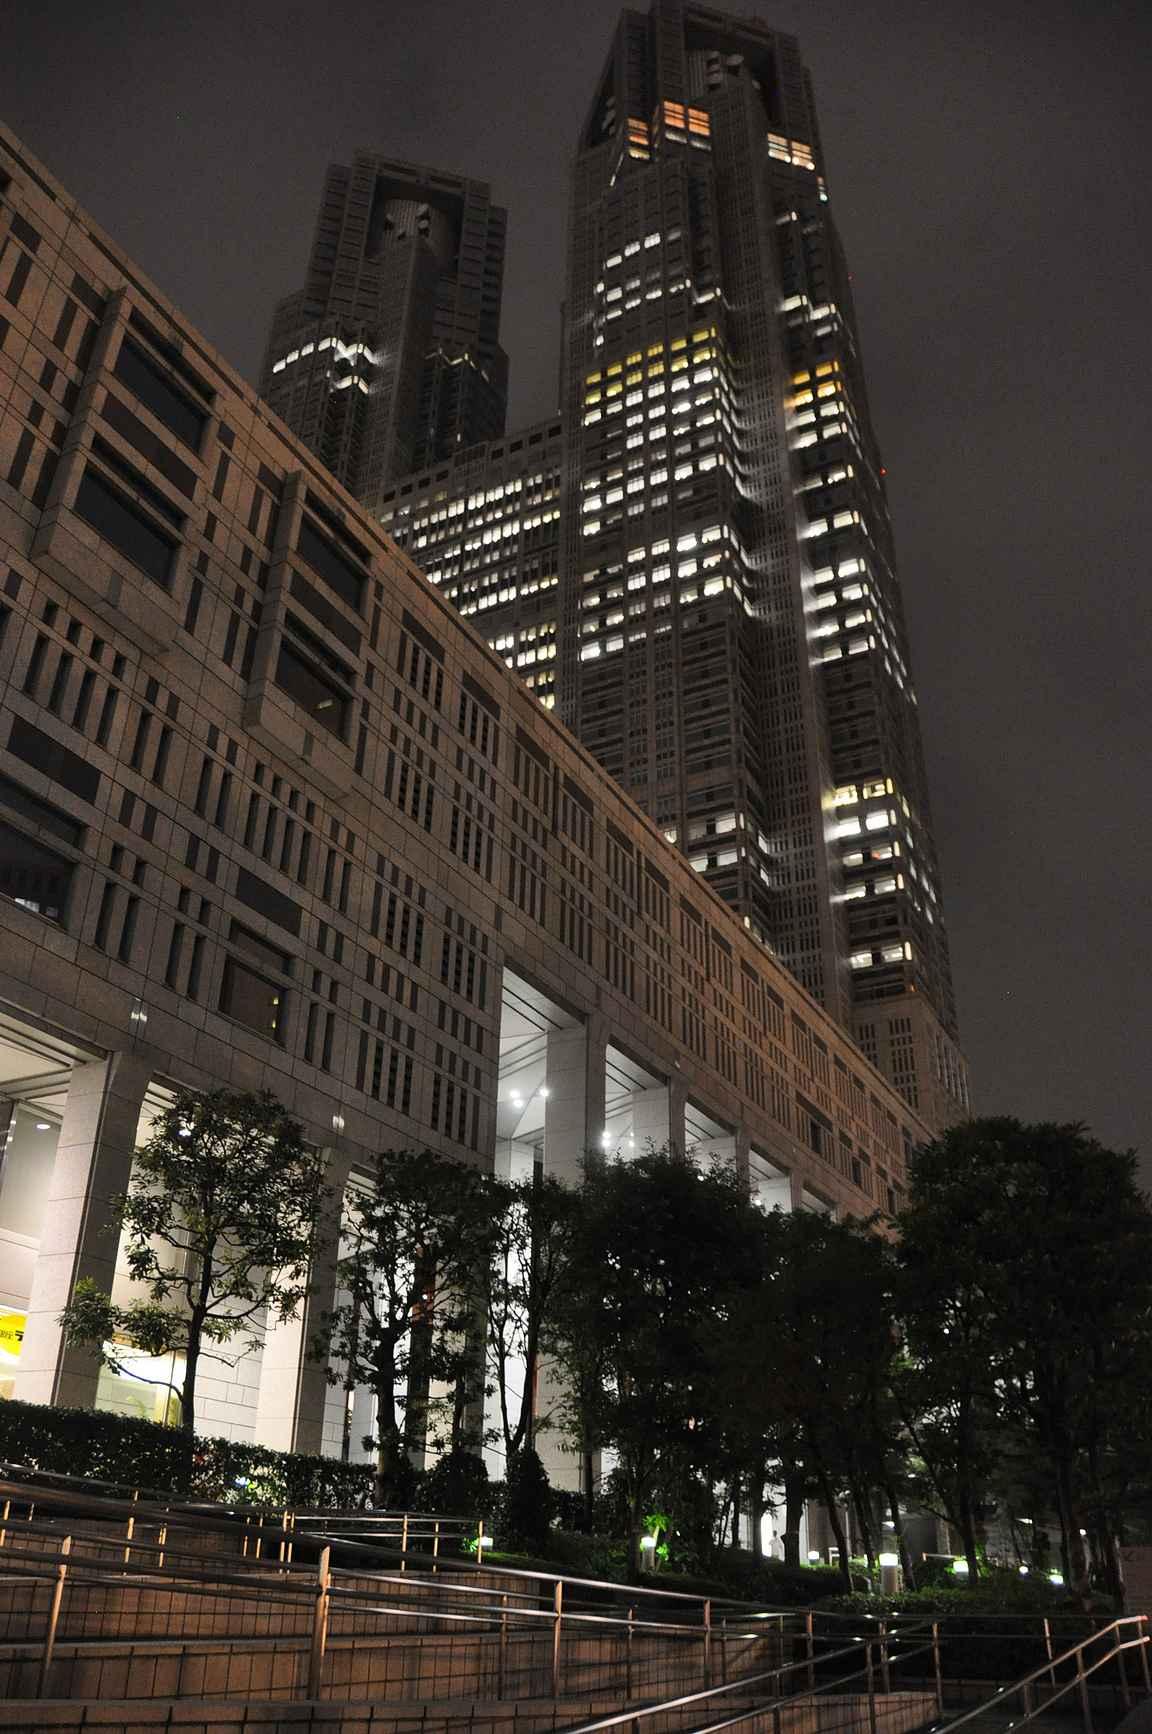 Goverment Buildingin tornit tarjoavat ilmaiset näköalat korkeuksista.